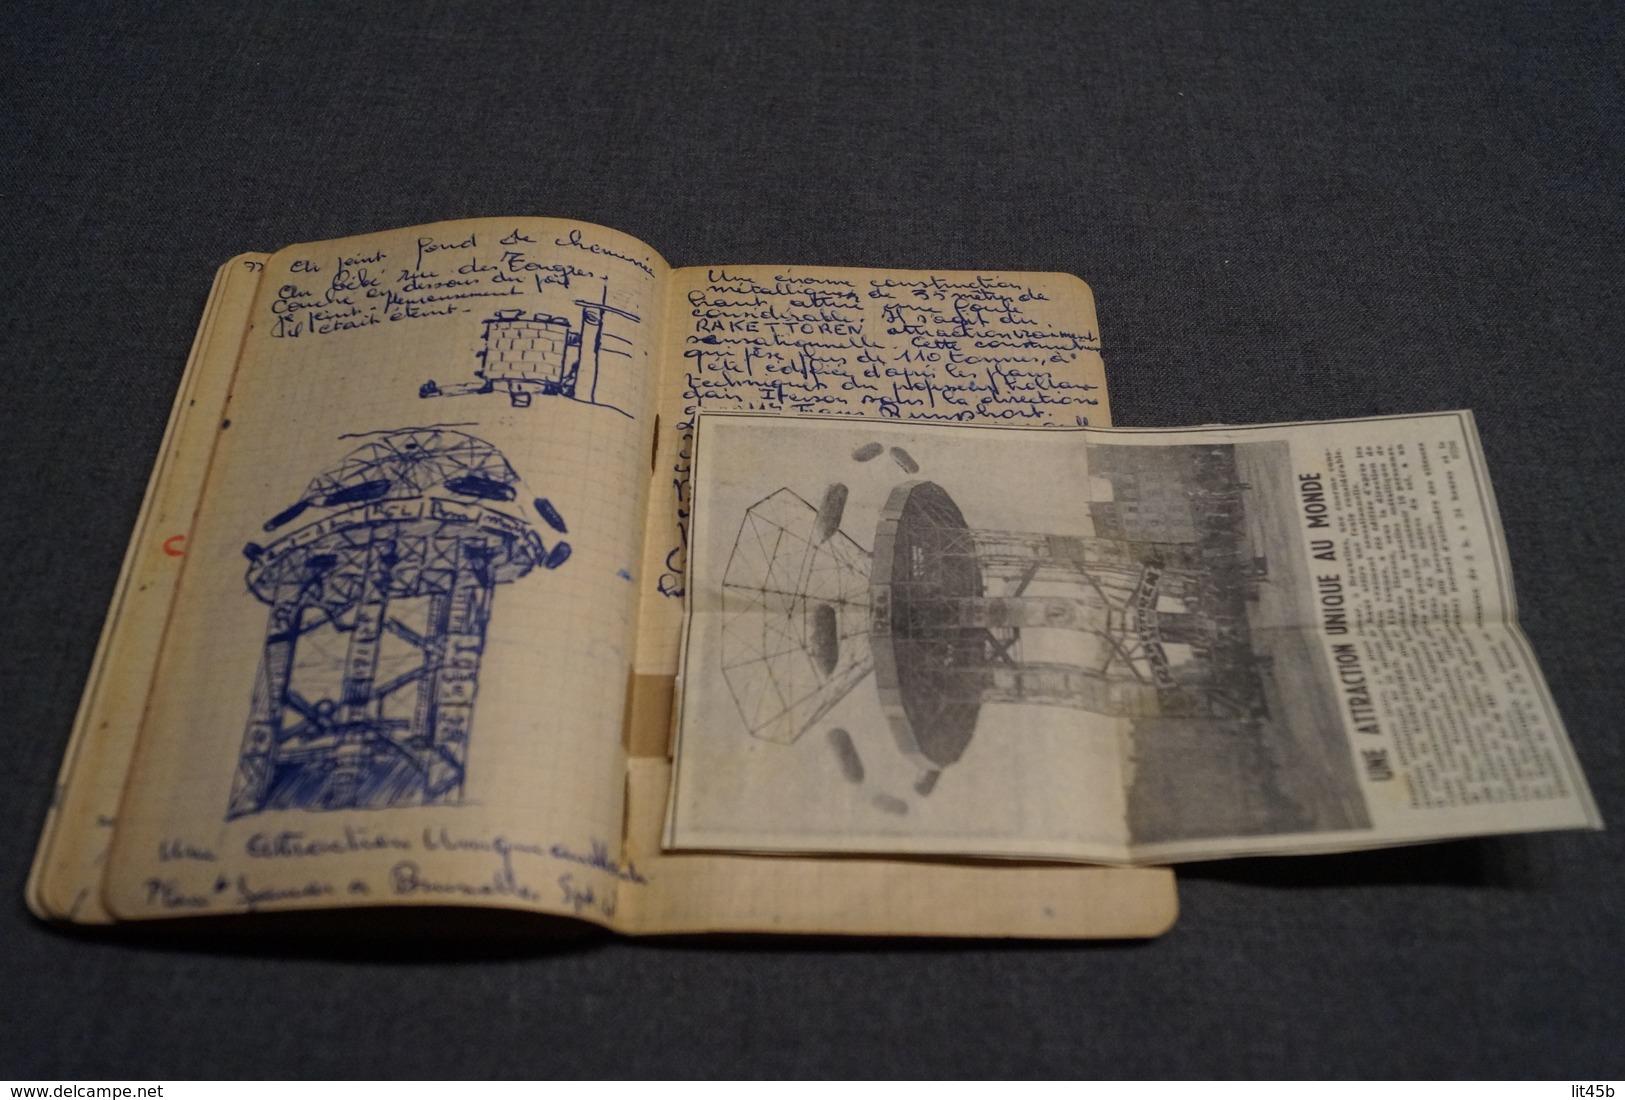 Original Carnet De Route Manuscrit Avec Dessins Originaux,scoutisme Bruxelles 1944, 100 Pages,16,5 Cm./11 Cm. - Scoutisme